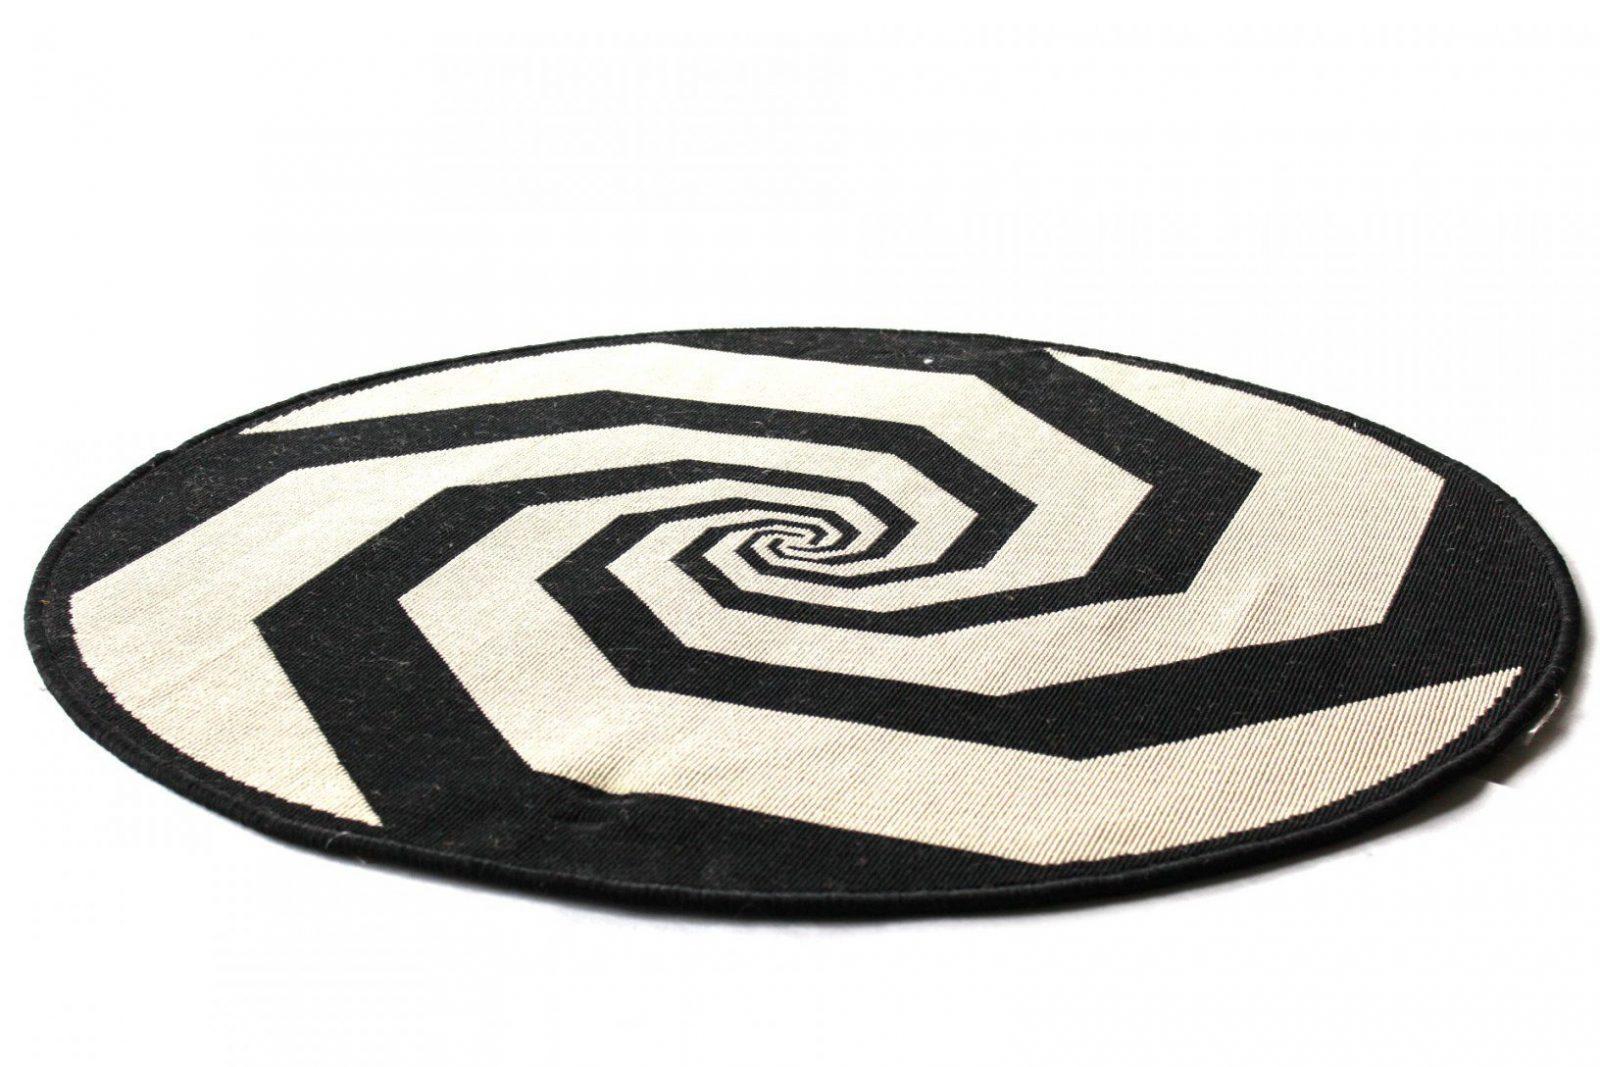 Teppiche Nemerkenswert Teppich Weiß Schwarz Design Wunderbar von Teppich Rund Schwarz Weiß Bild